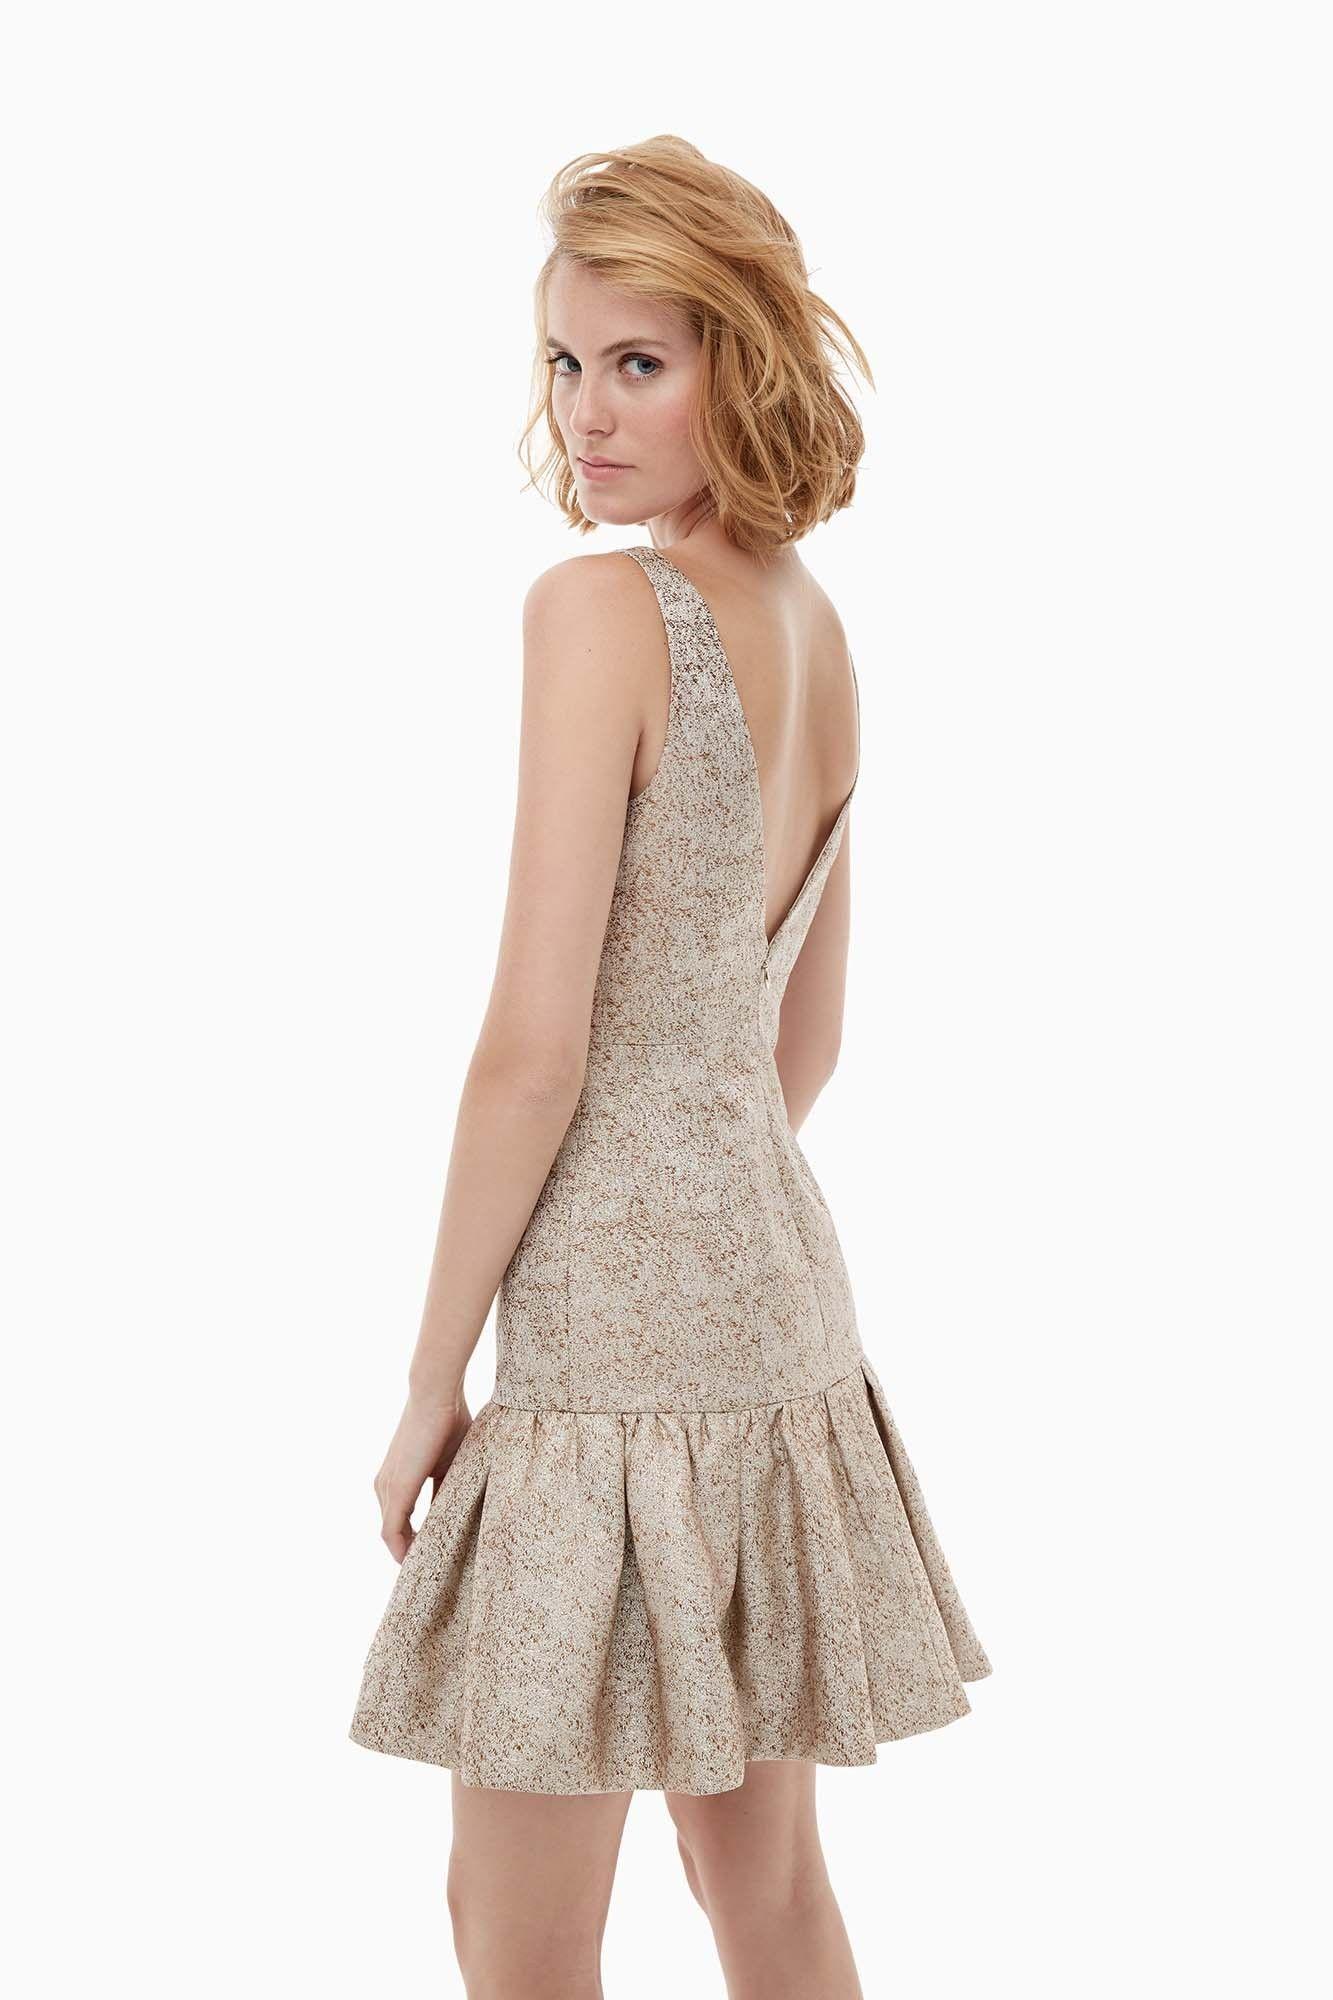 Vestido entallado con brocado dorado colecci n adolfo for Vestidos adolfo dominguez outlet online